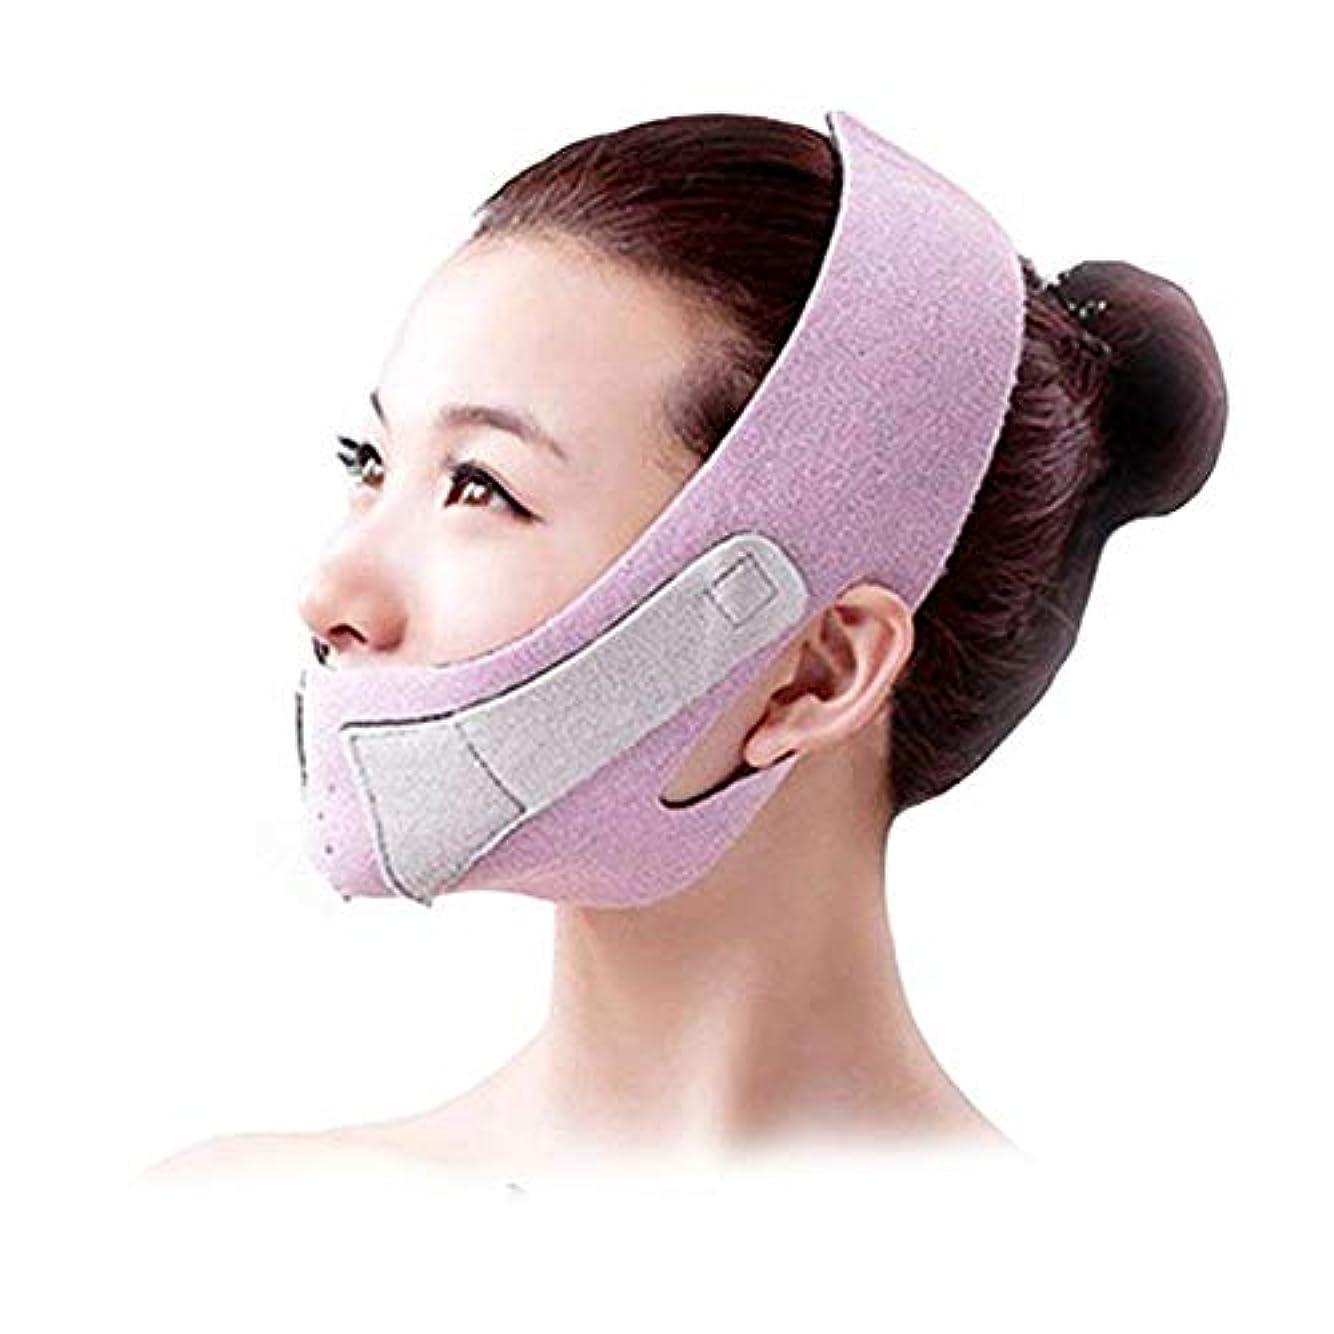 ボール系統的進化小顔 矯正 補正 顔 リフトアップ ベルト サウナ マスク サポーター エステ ダイエット